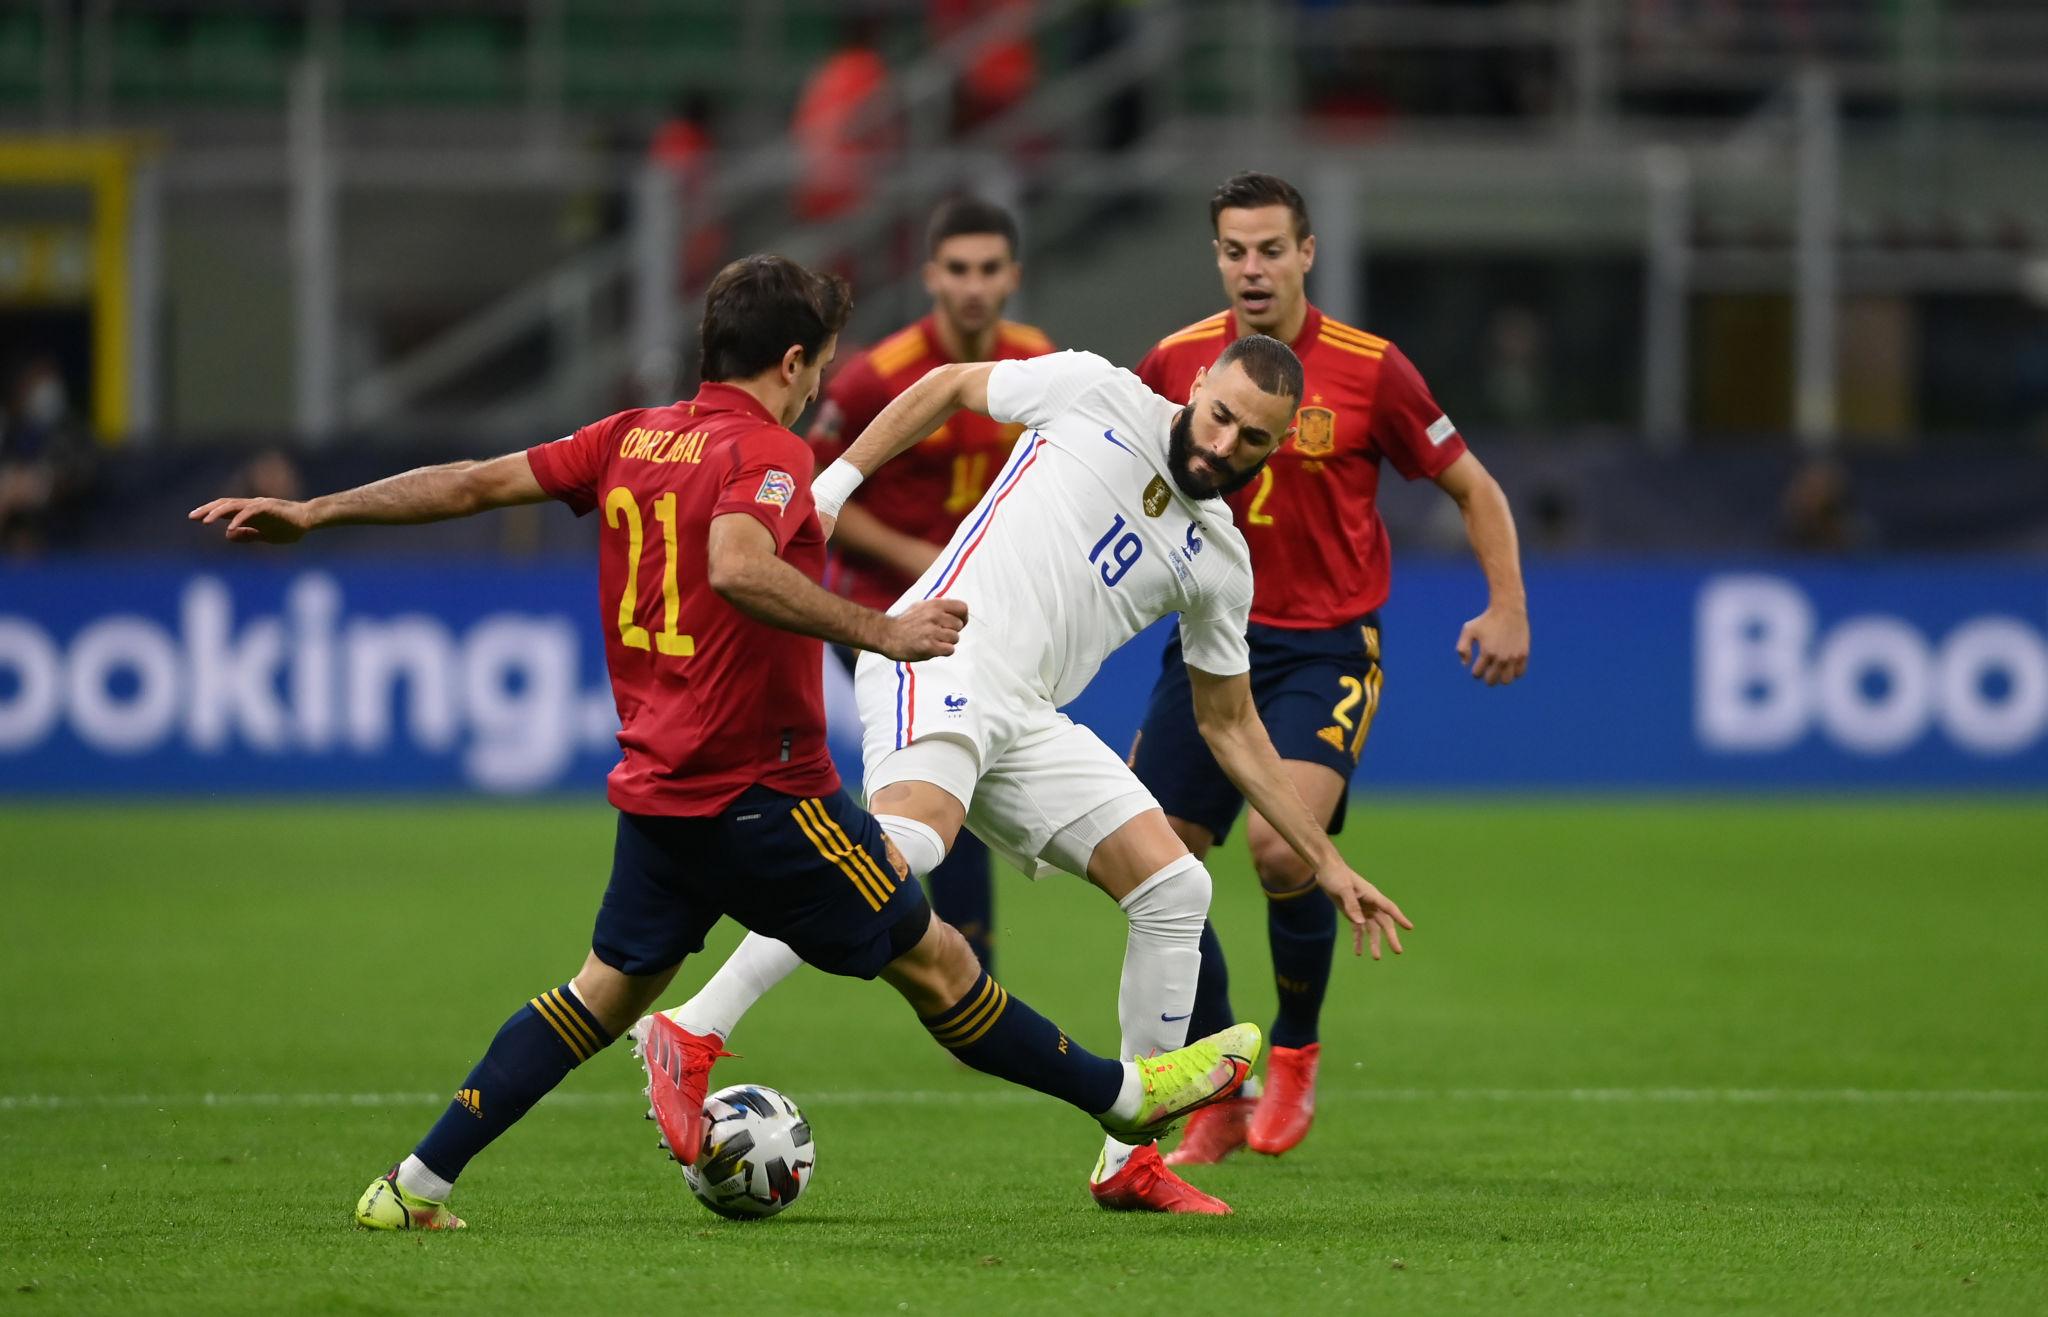 بنزيما يحاول المرور من لاعبى إسبانيا